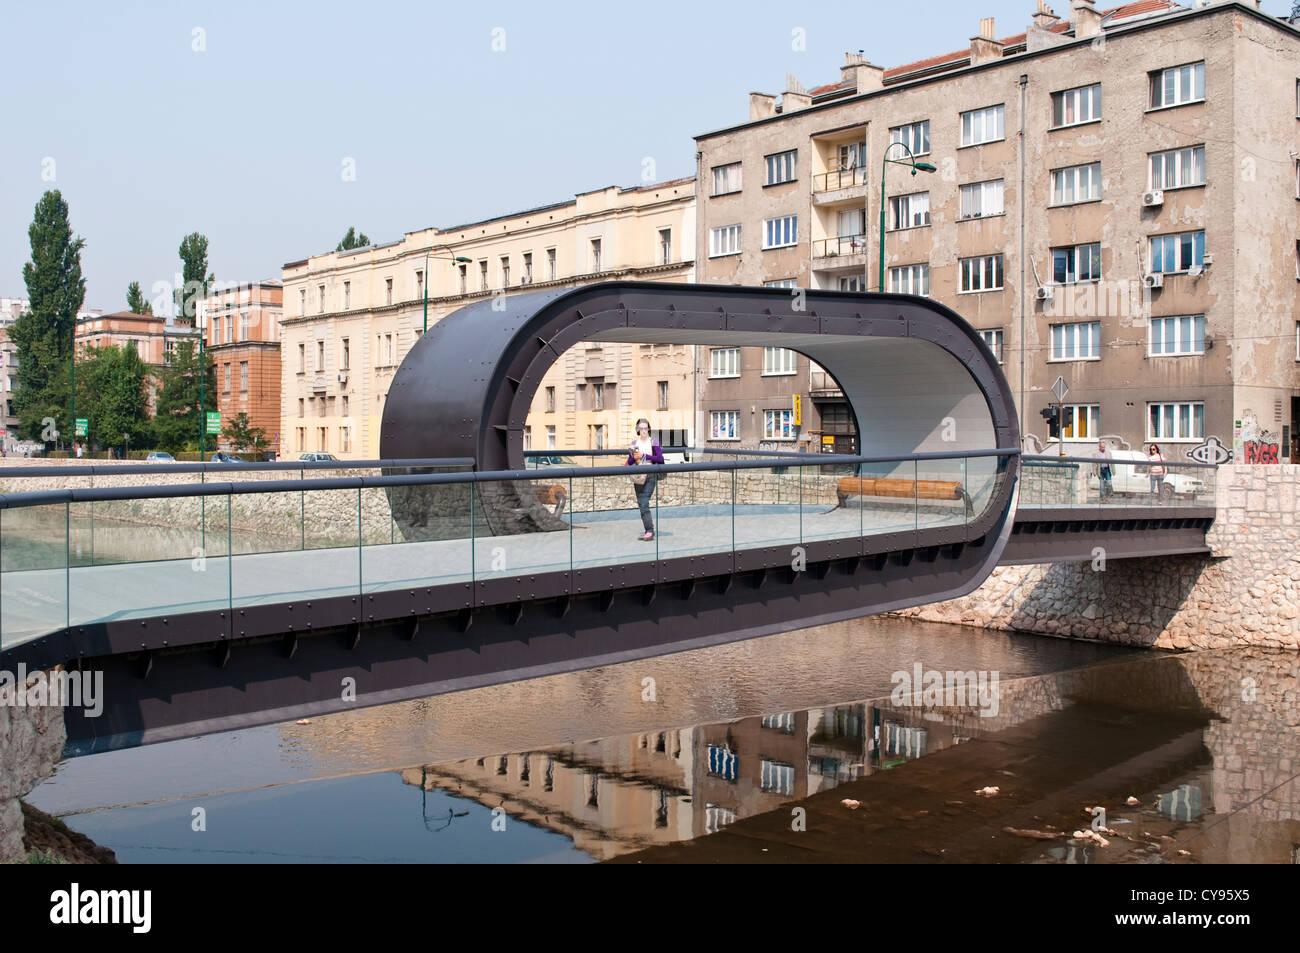 Festina lente puente sobre el río Miljacka, inaugurado el 2012, Sarajevo, Bosnia y Herzegovina Imagen De Stock